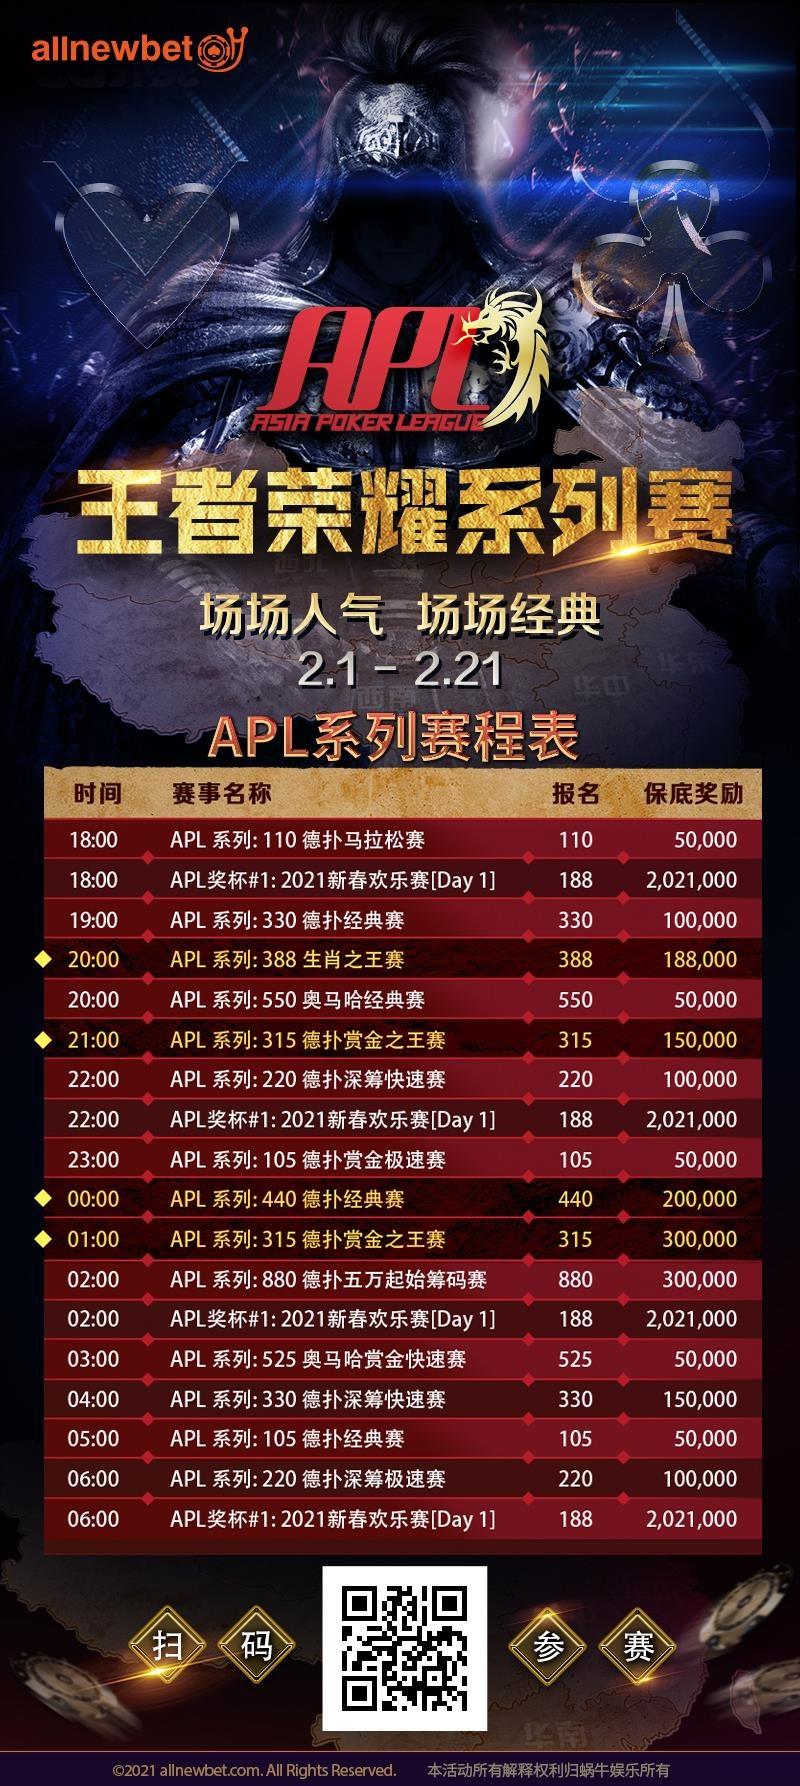 【蜗牛扑克】除了8千万保底~APL最近在红什么? 小编的独创介绍 (警告: 内有海量美女图)